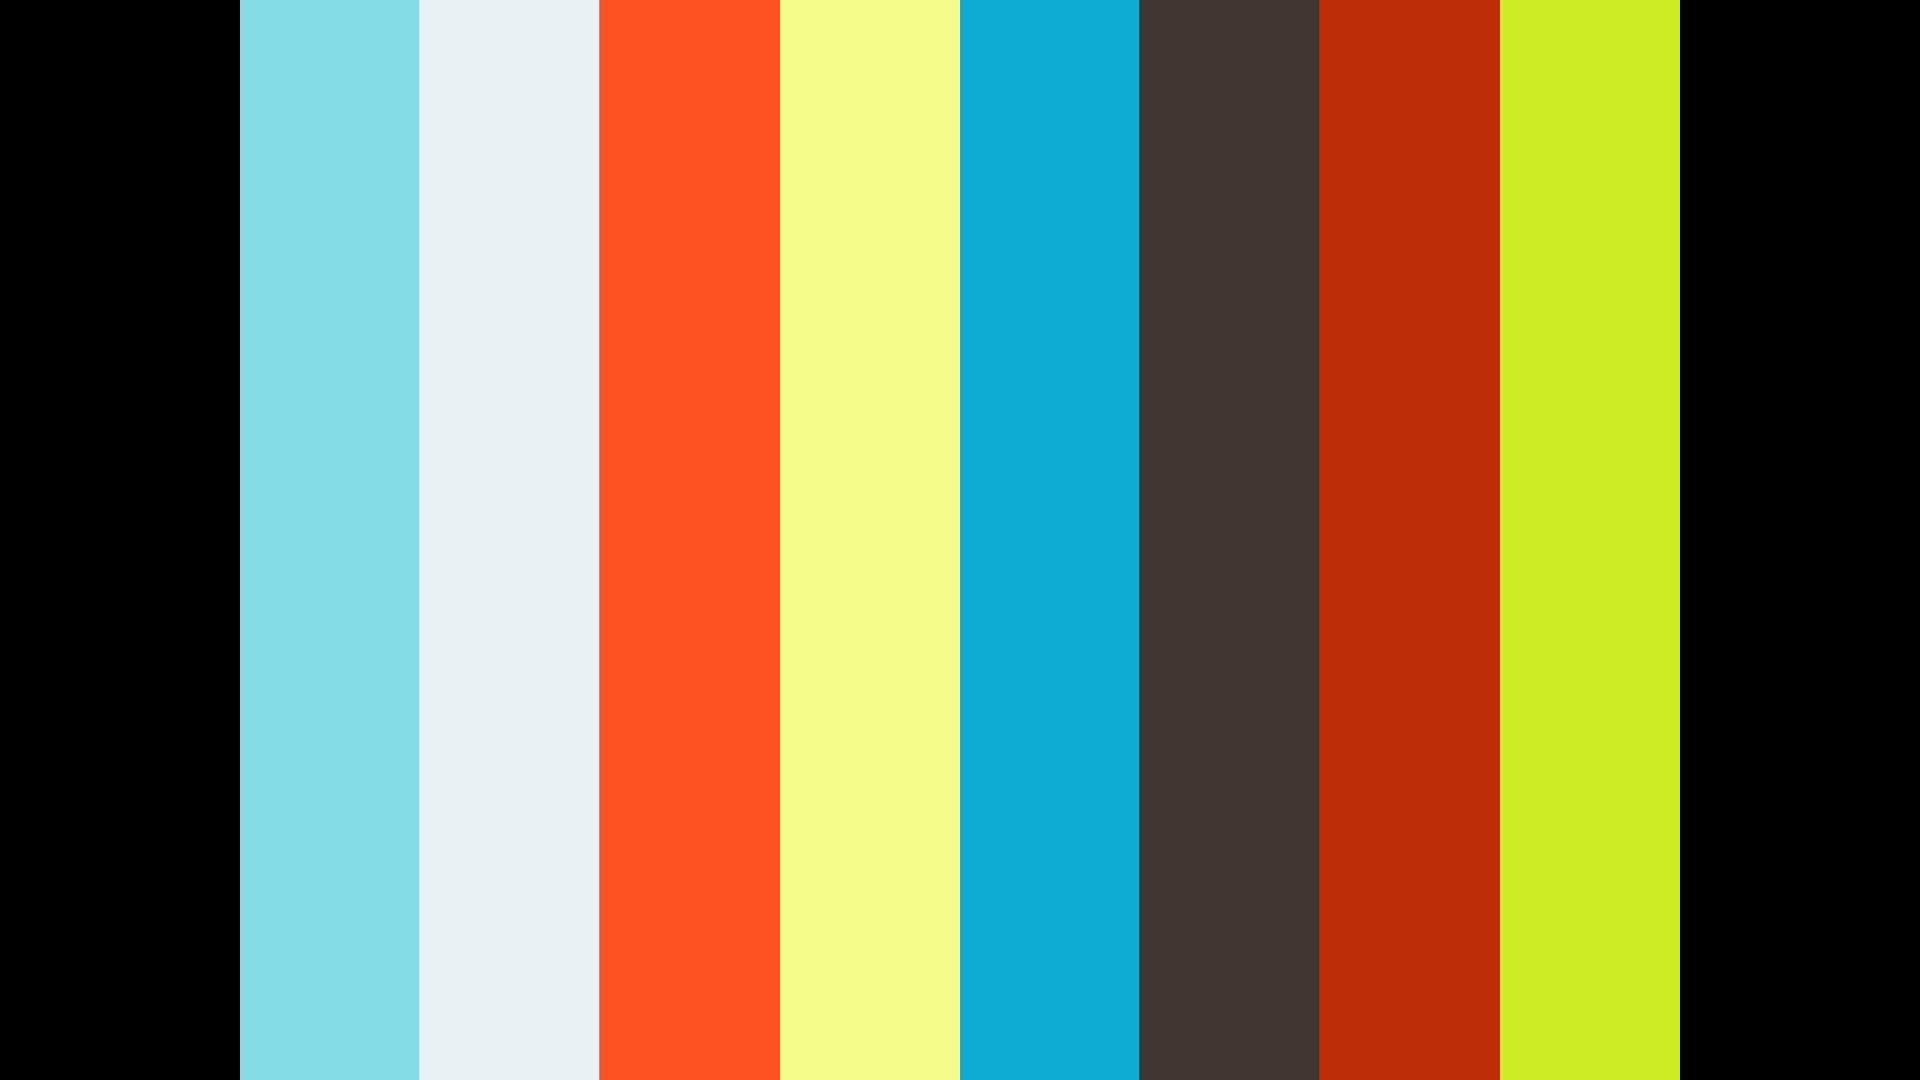 CHANTAL - ABSOLUTE 45 (1 September 2021)